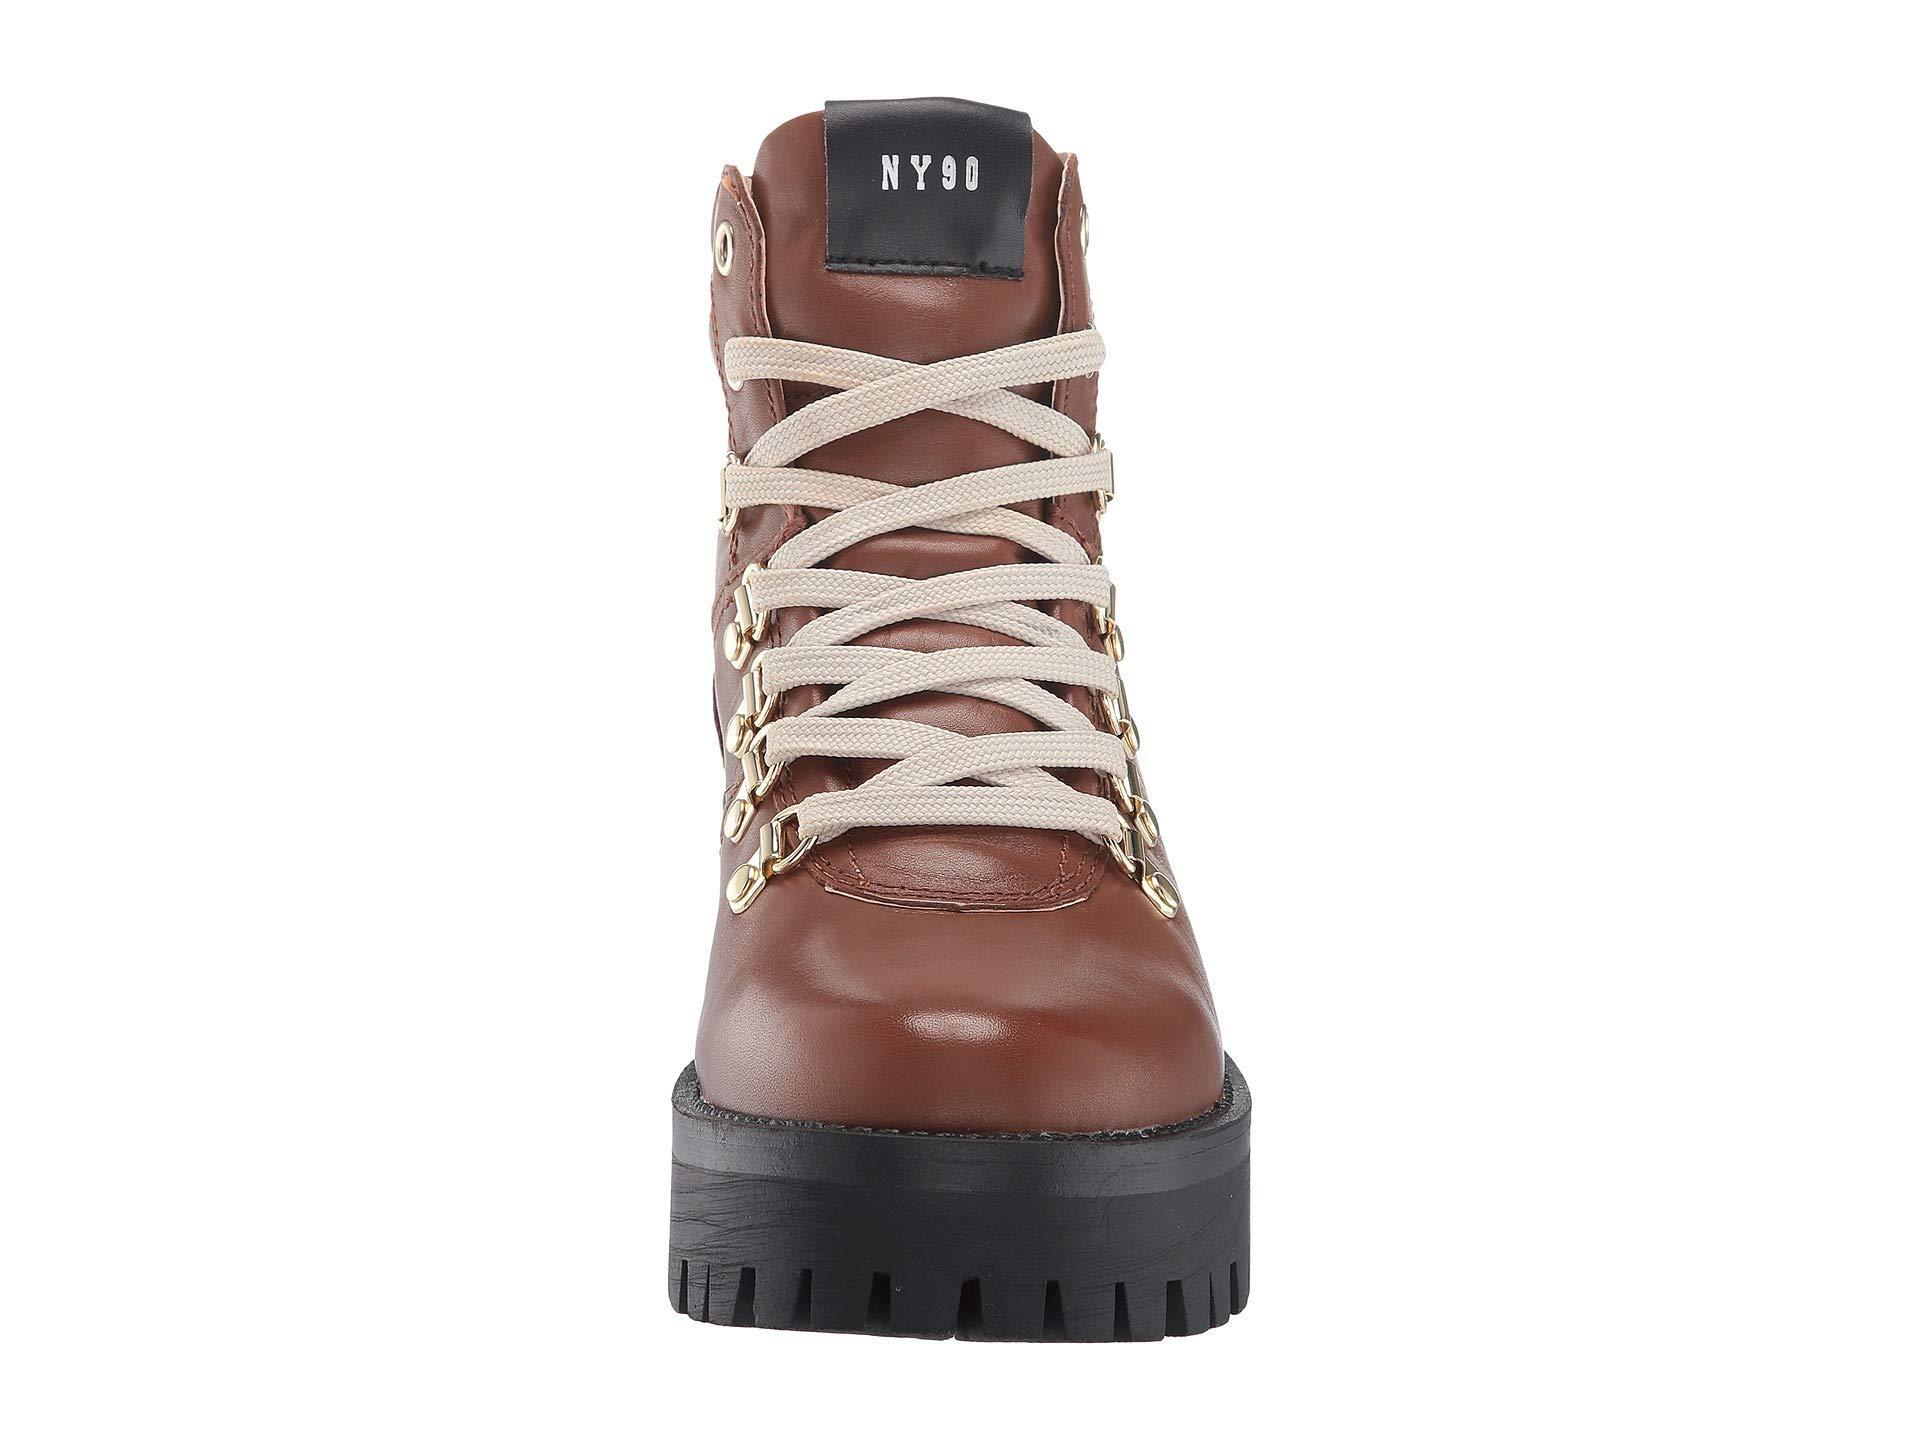 380e5fe2aa0 Steve Madden - Brown Buzzer Hiker Boot - Lyst. View fullscreen